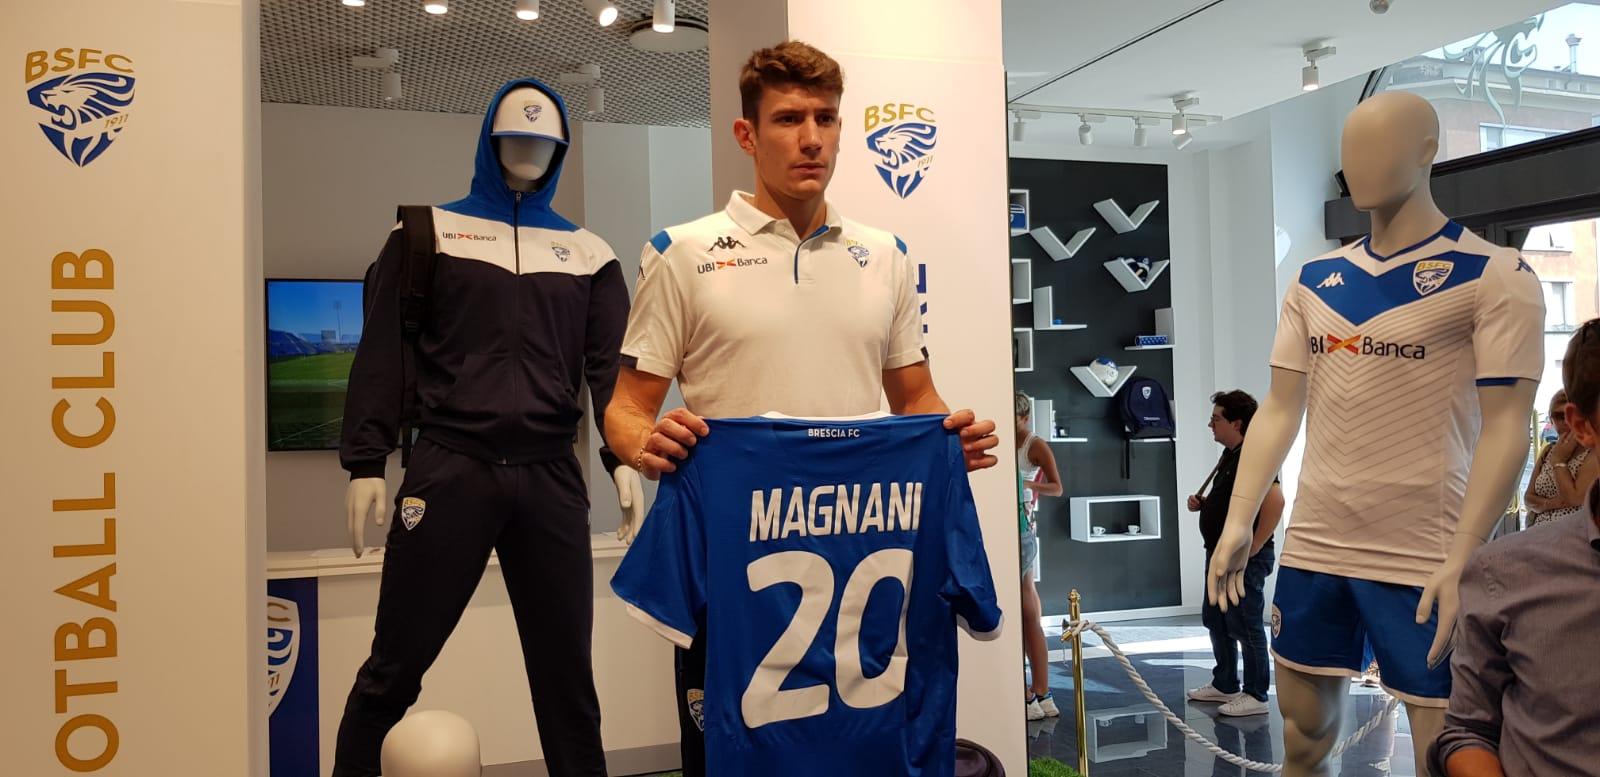 Brescia Calcio, si presenta Giangiacomo Magnani